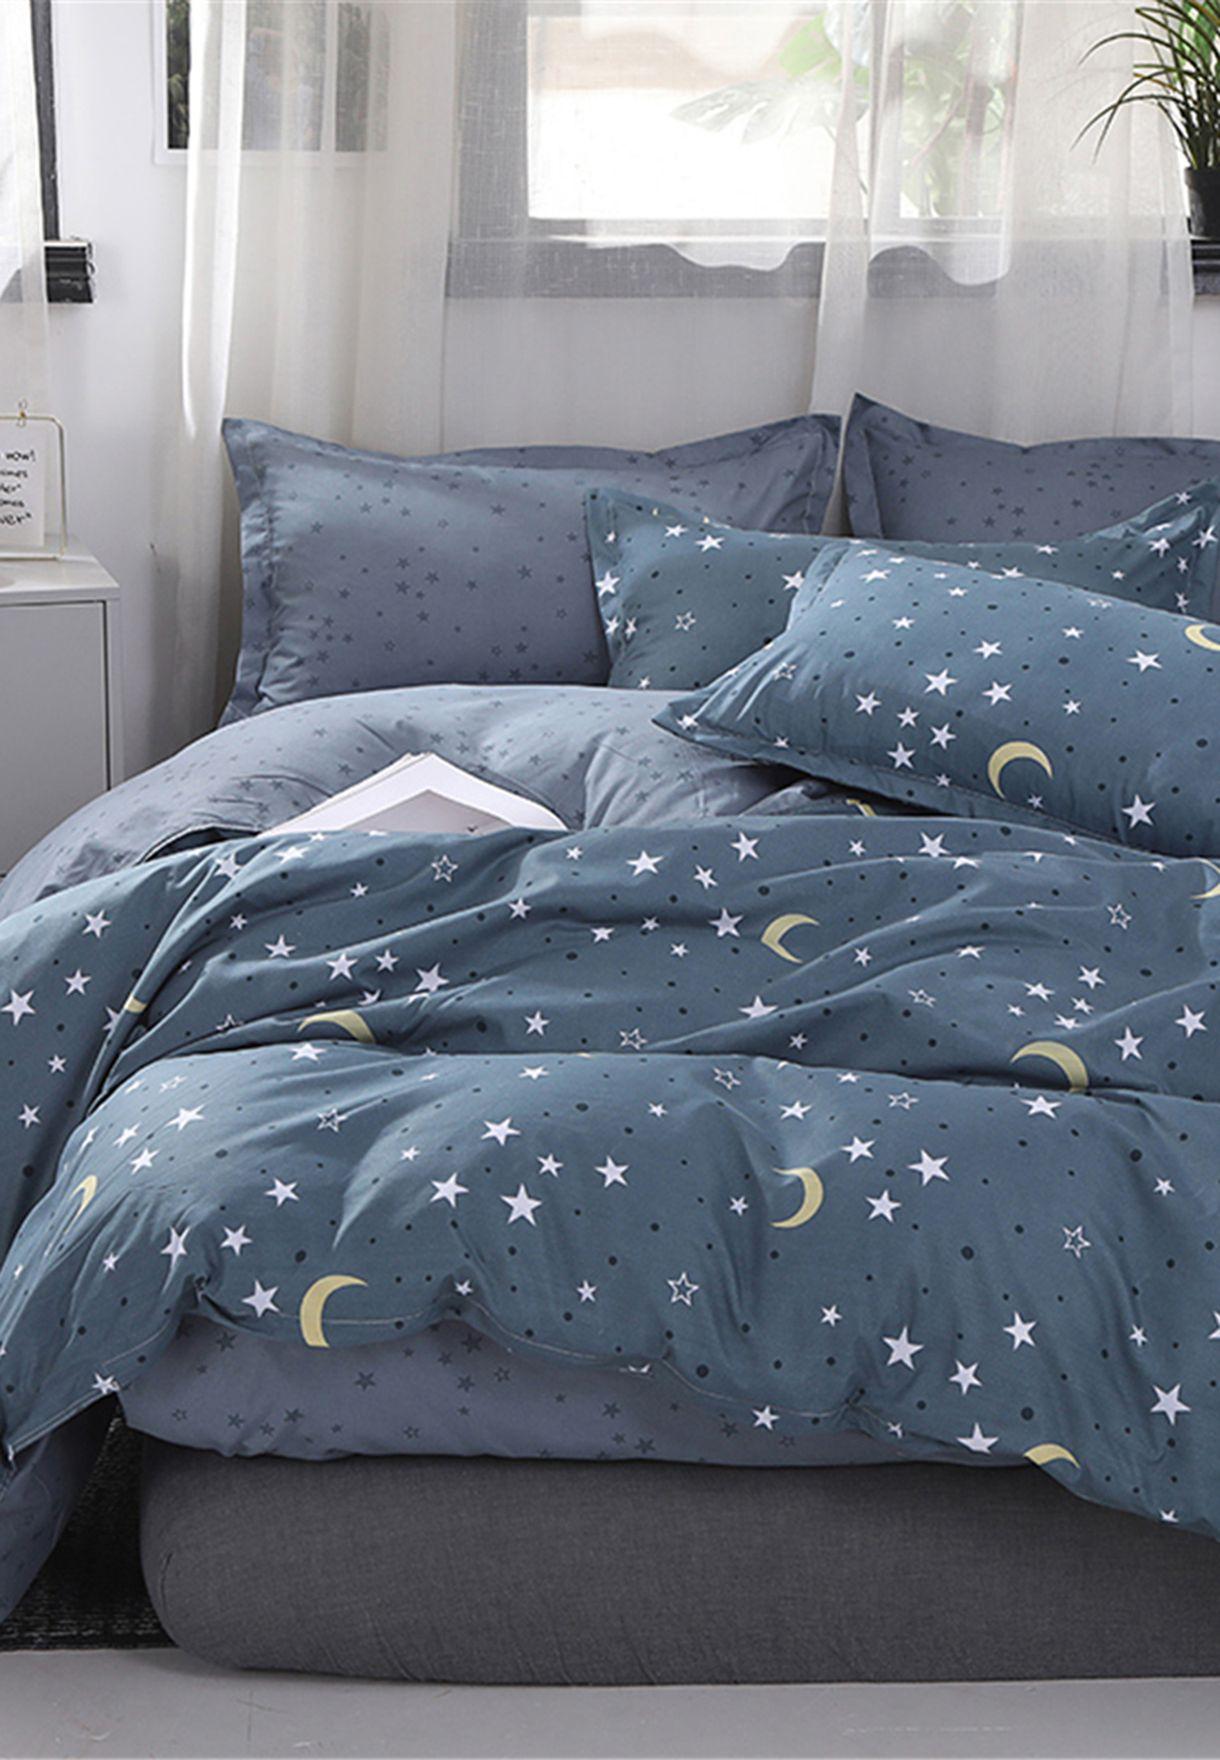 طقم سرير بطباعة نجوم وقمر - مزدوج 200x200 سم